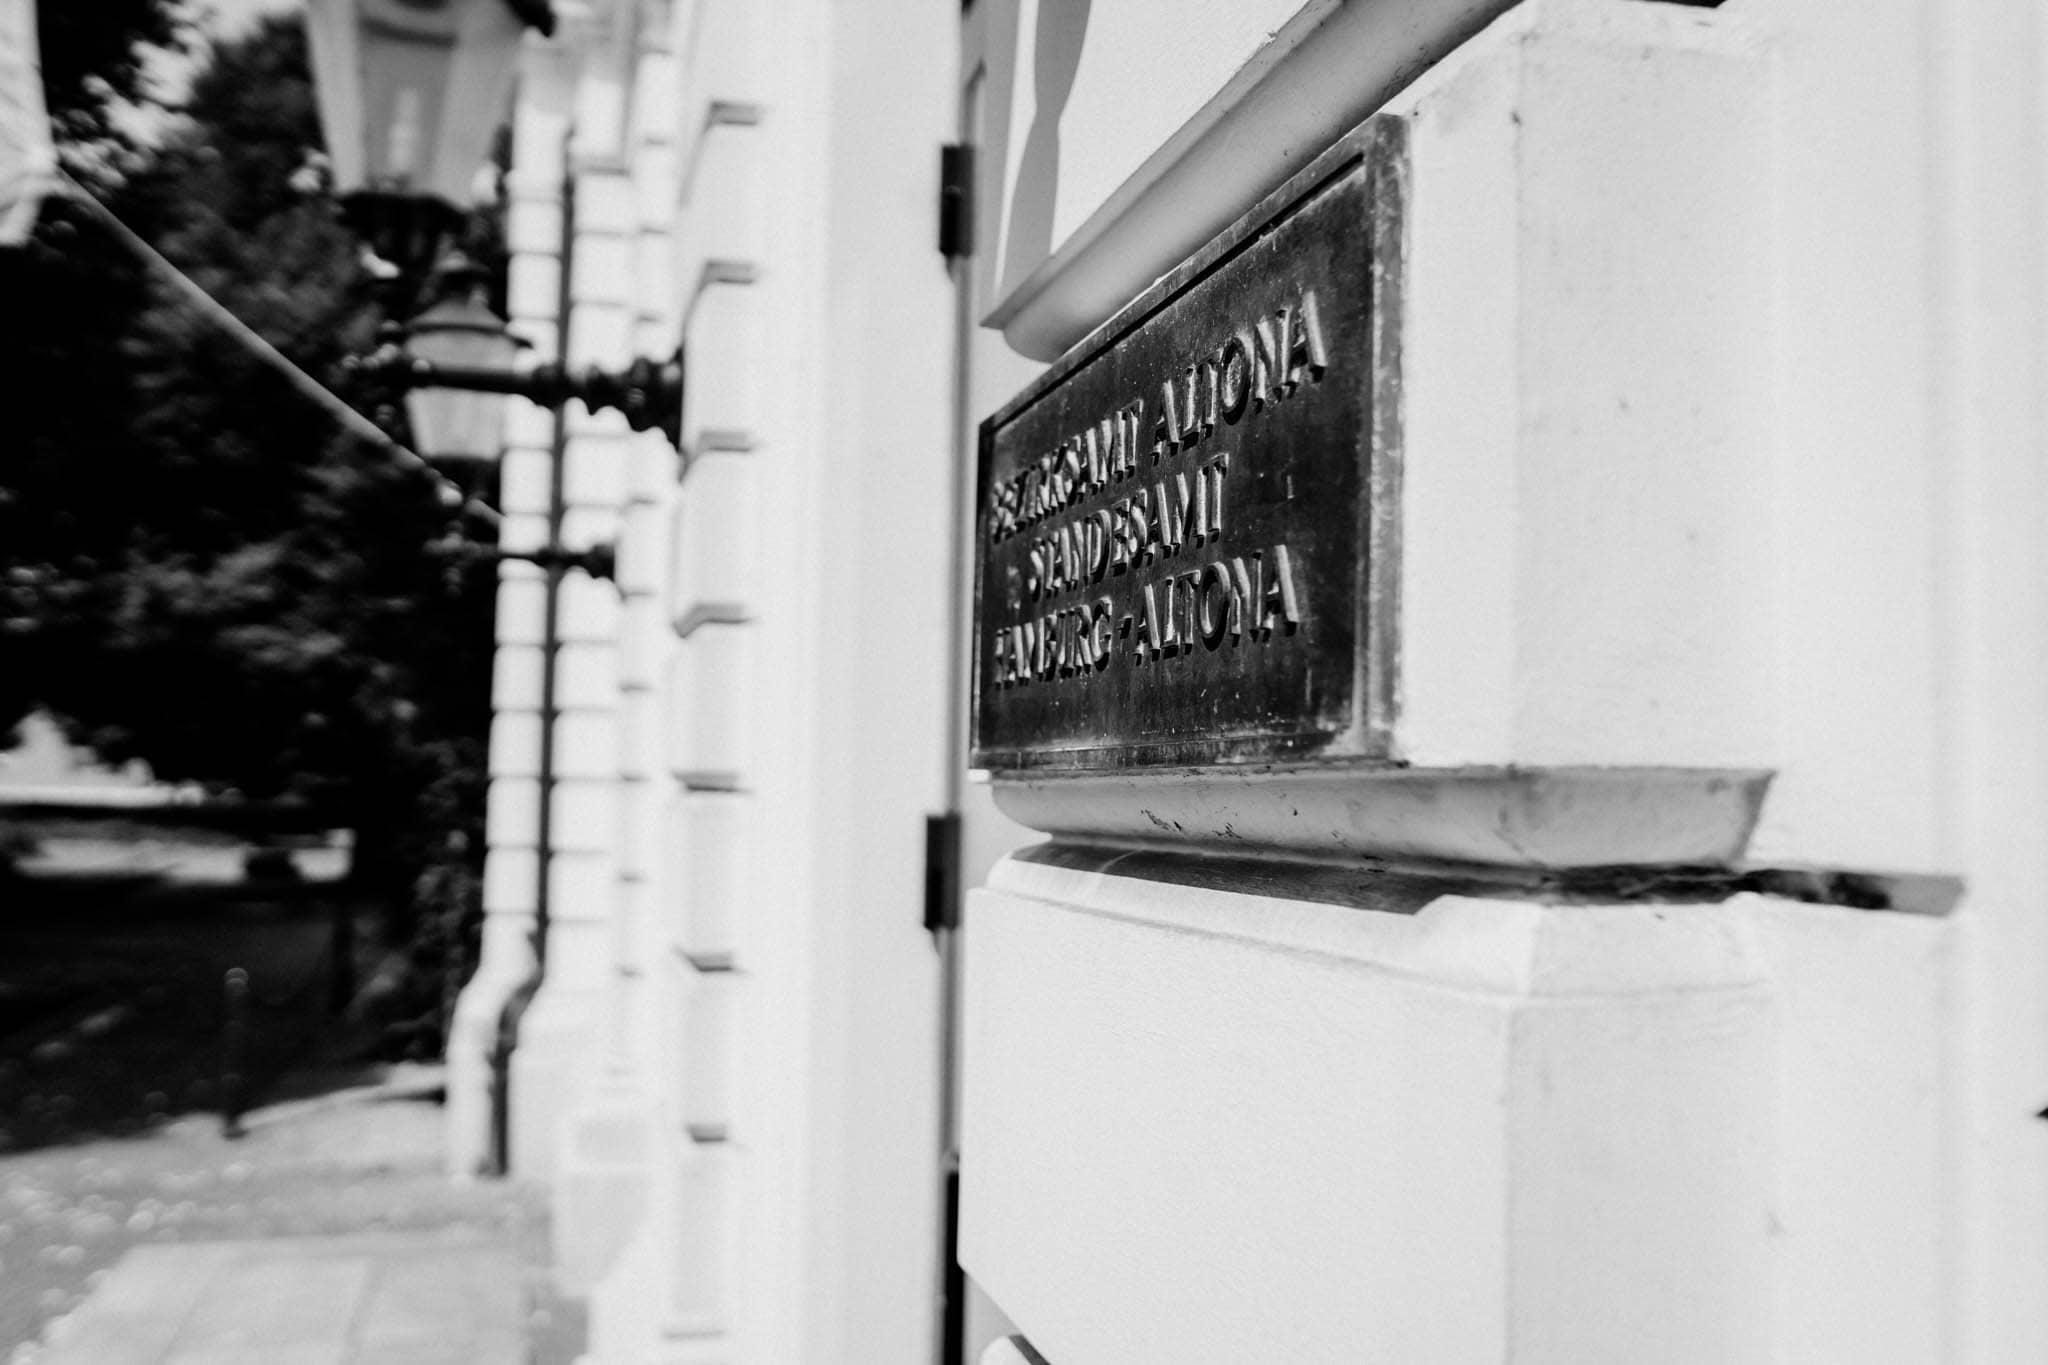 Hochzeitsfieber by Photo-Schomburg, Hochzeitsfotograf, Hamburg, Altona, wedding, Standesamt Altona, Appen, Hochzeitsshooting, Hochzeitstag, Brautpaar-35